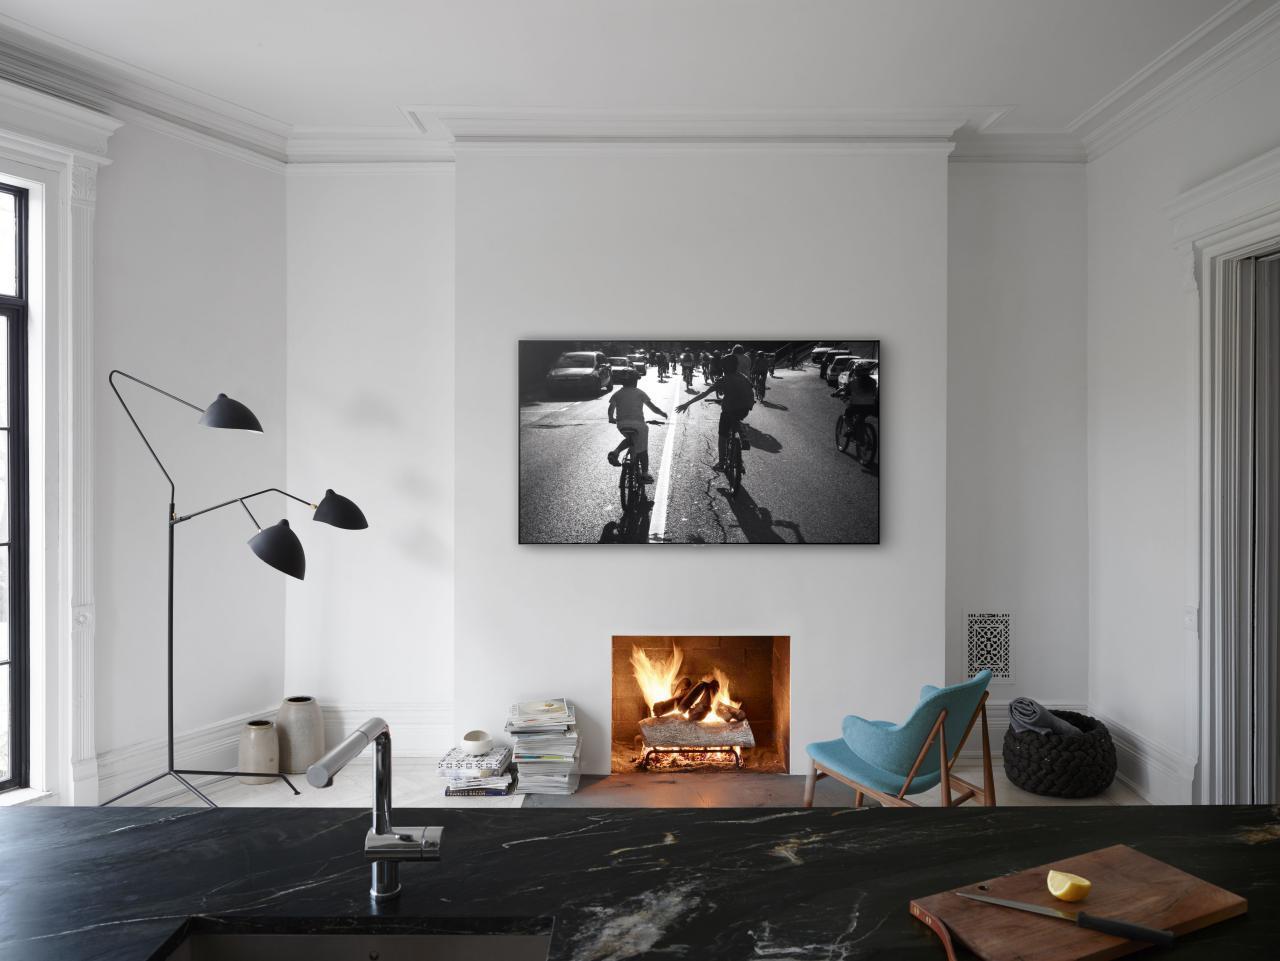 QLED، تلفیقی از هوش مصنوعی با تلویزیون